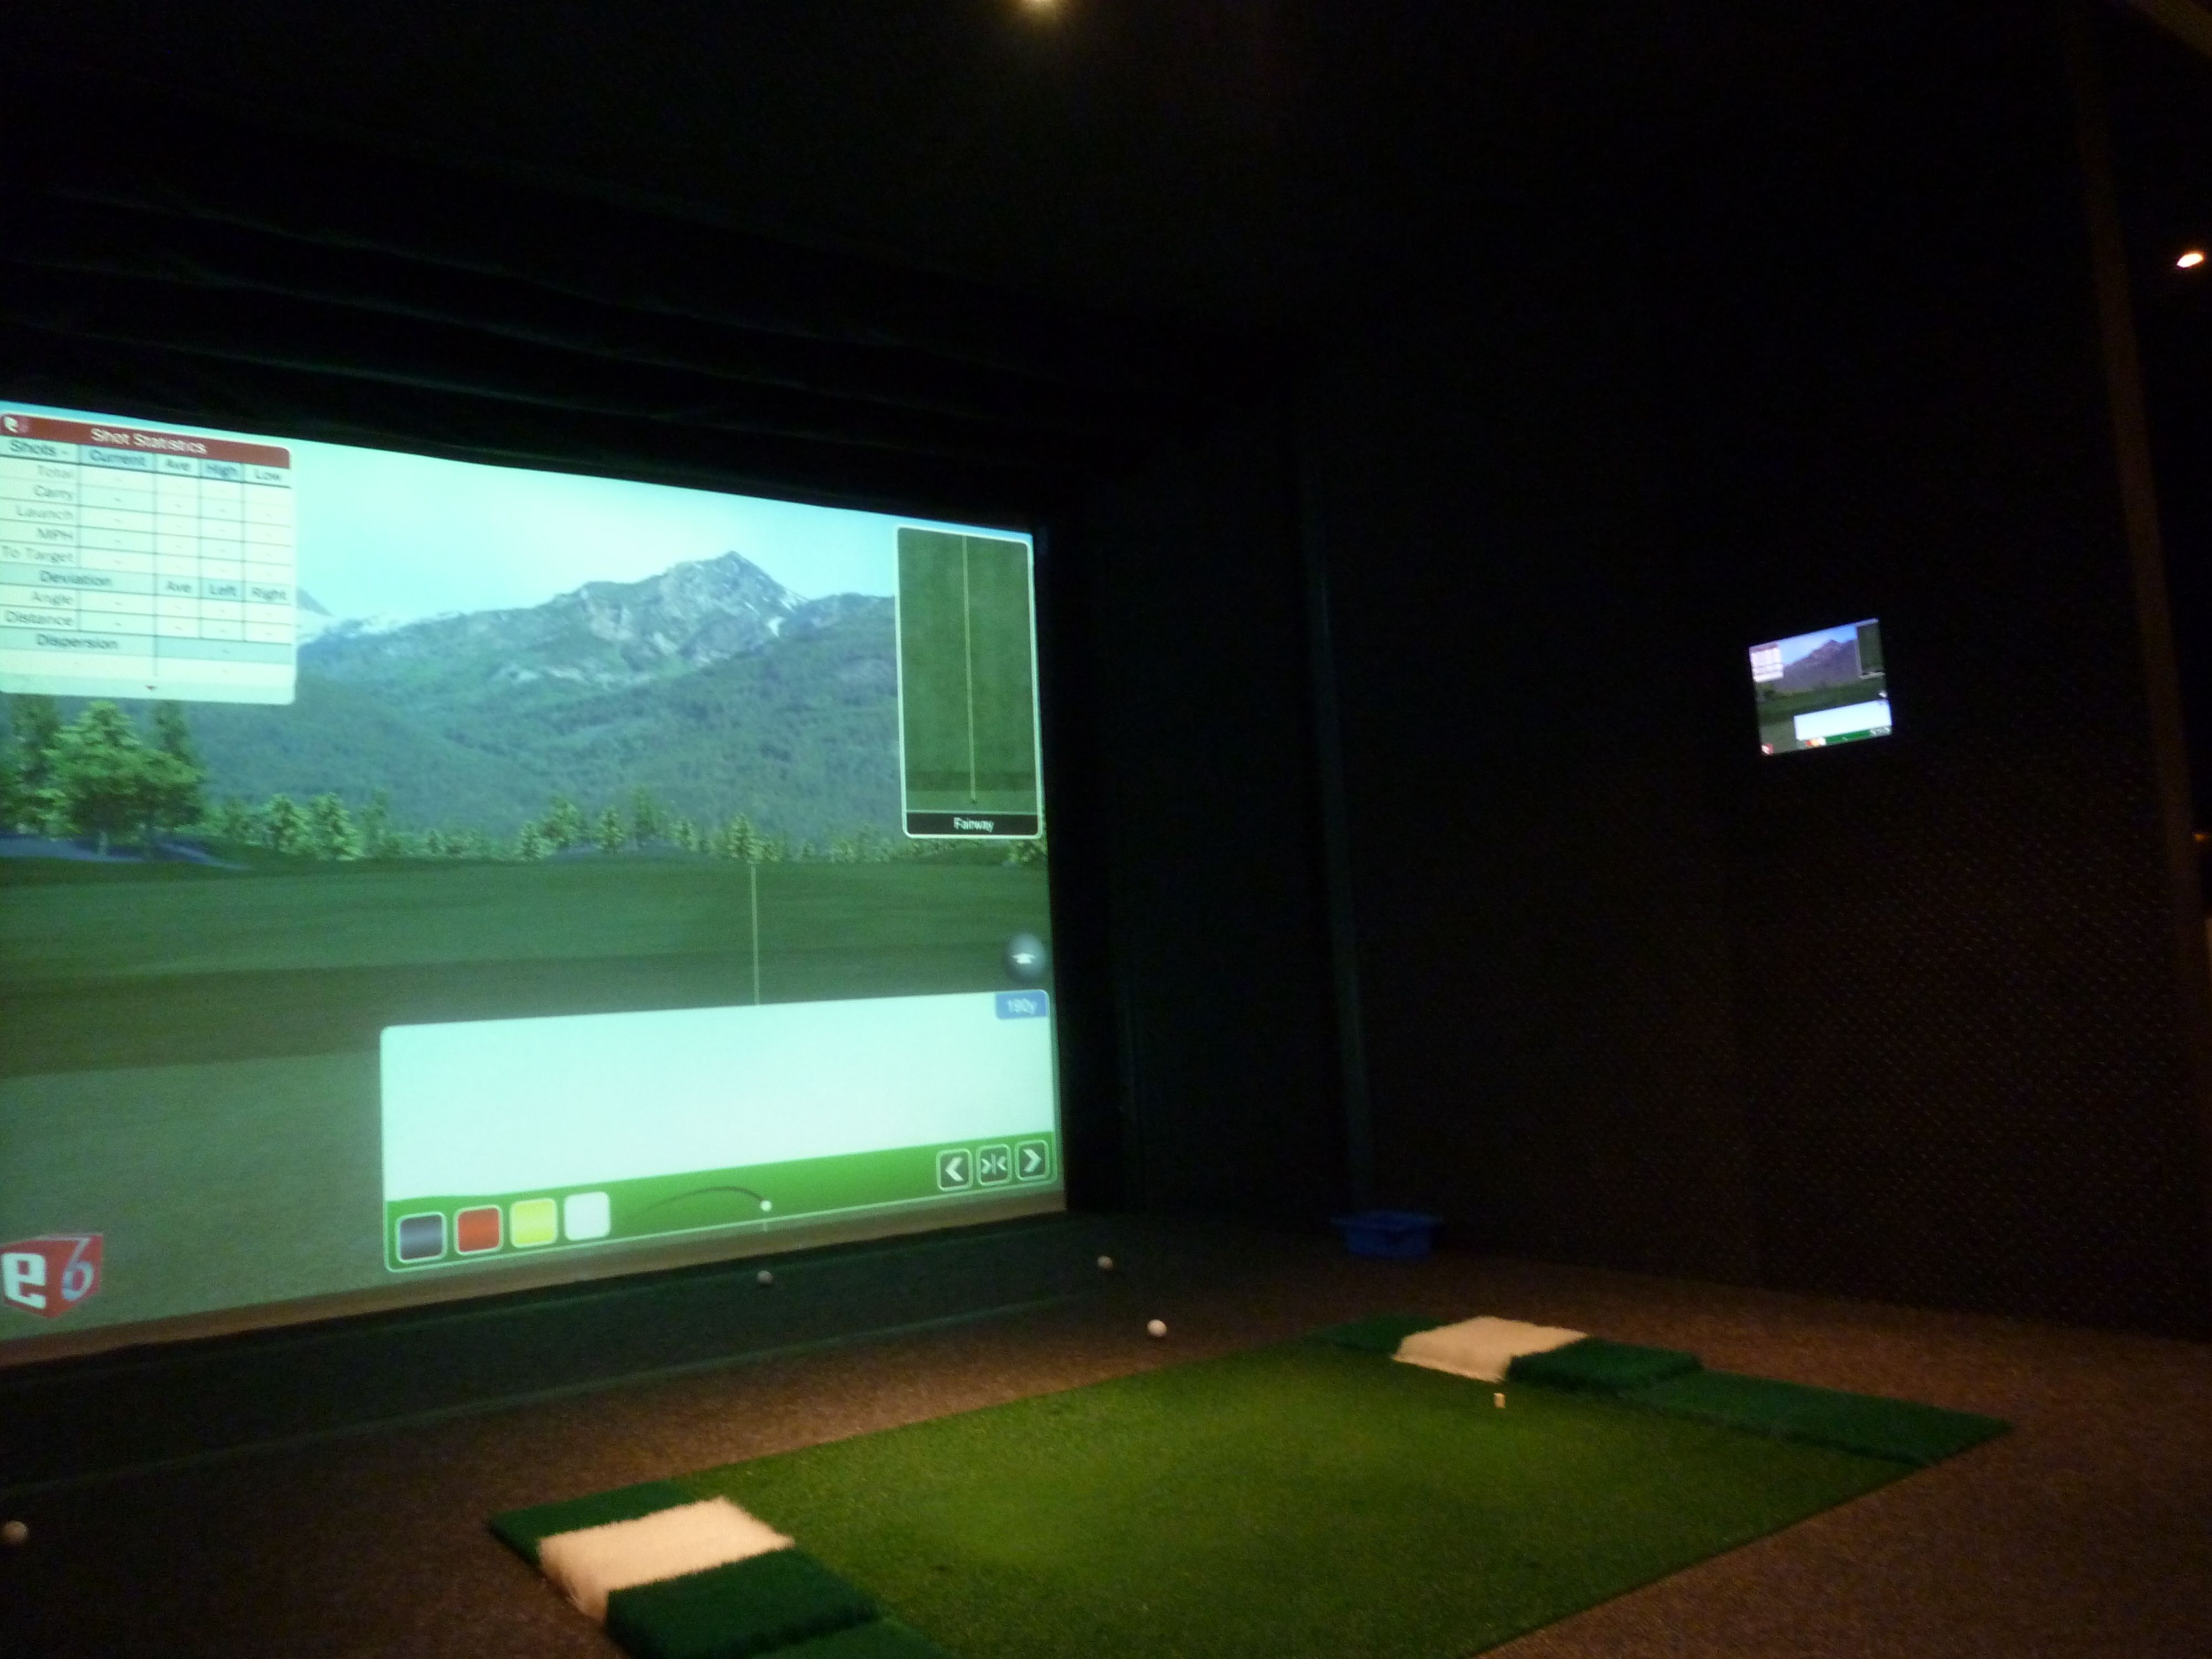 Pin By Masonmathew On Golf Golf Simulators Golf Courses Golf Fashion